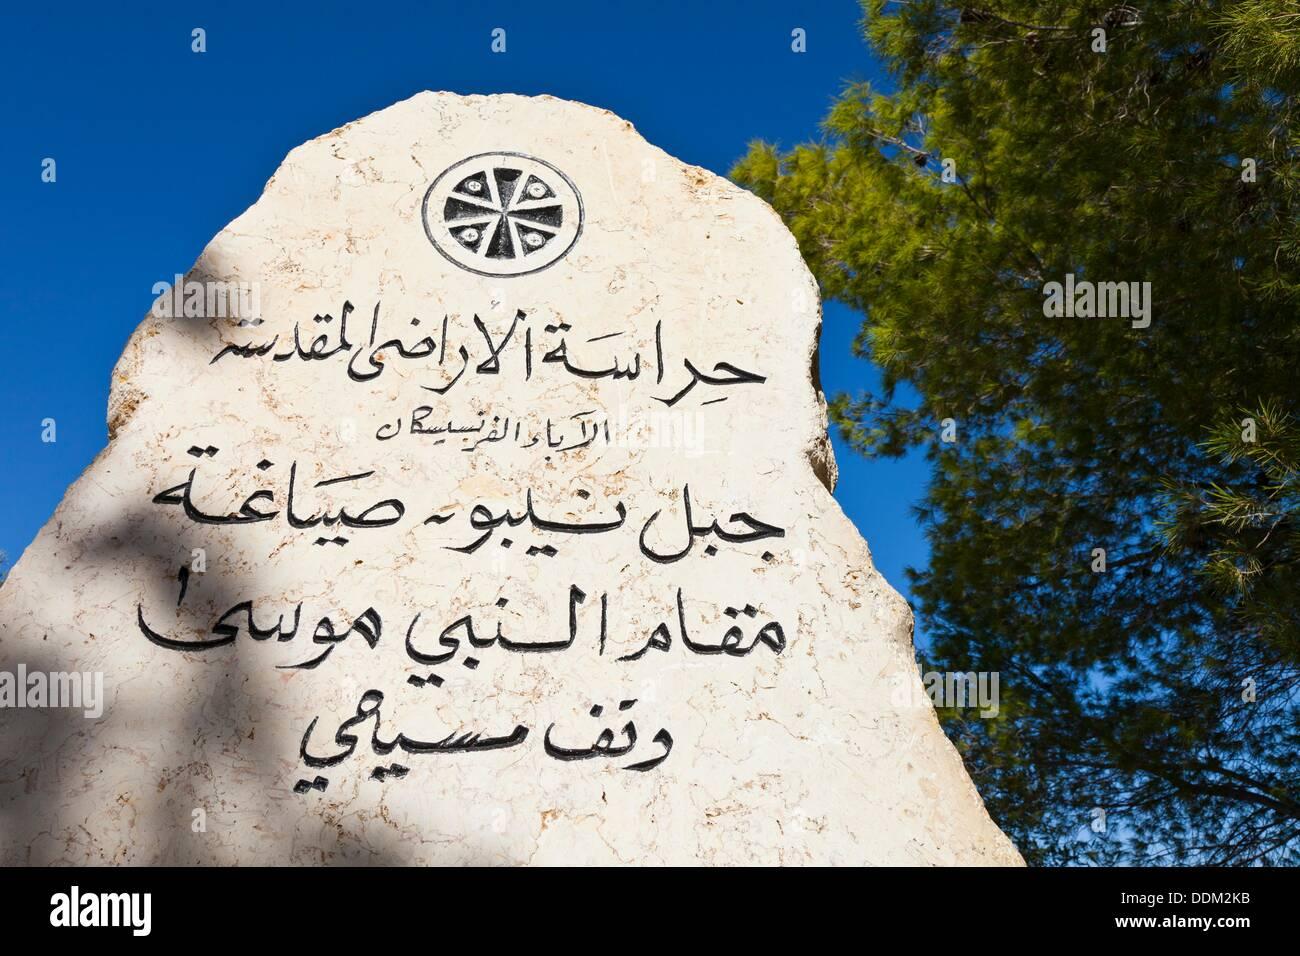 Denkmal für die drei monotheistischen Religionen, Berg Nebo, das Land Kanaan, Jordanien, Naher Osten Stockbild